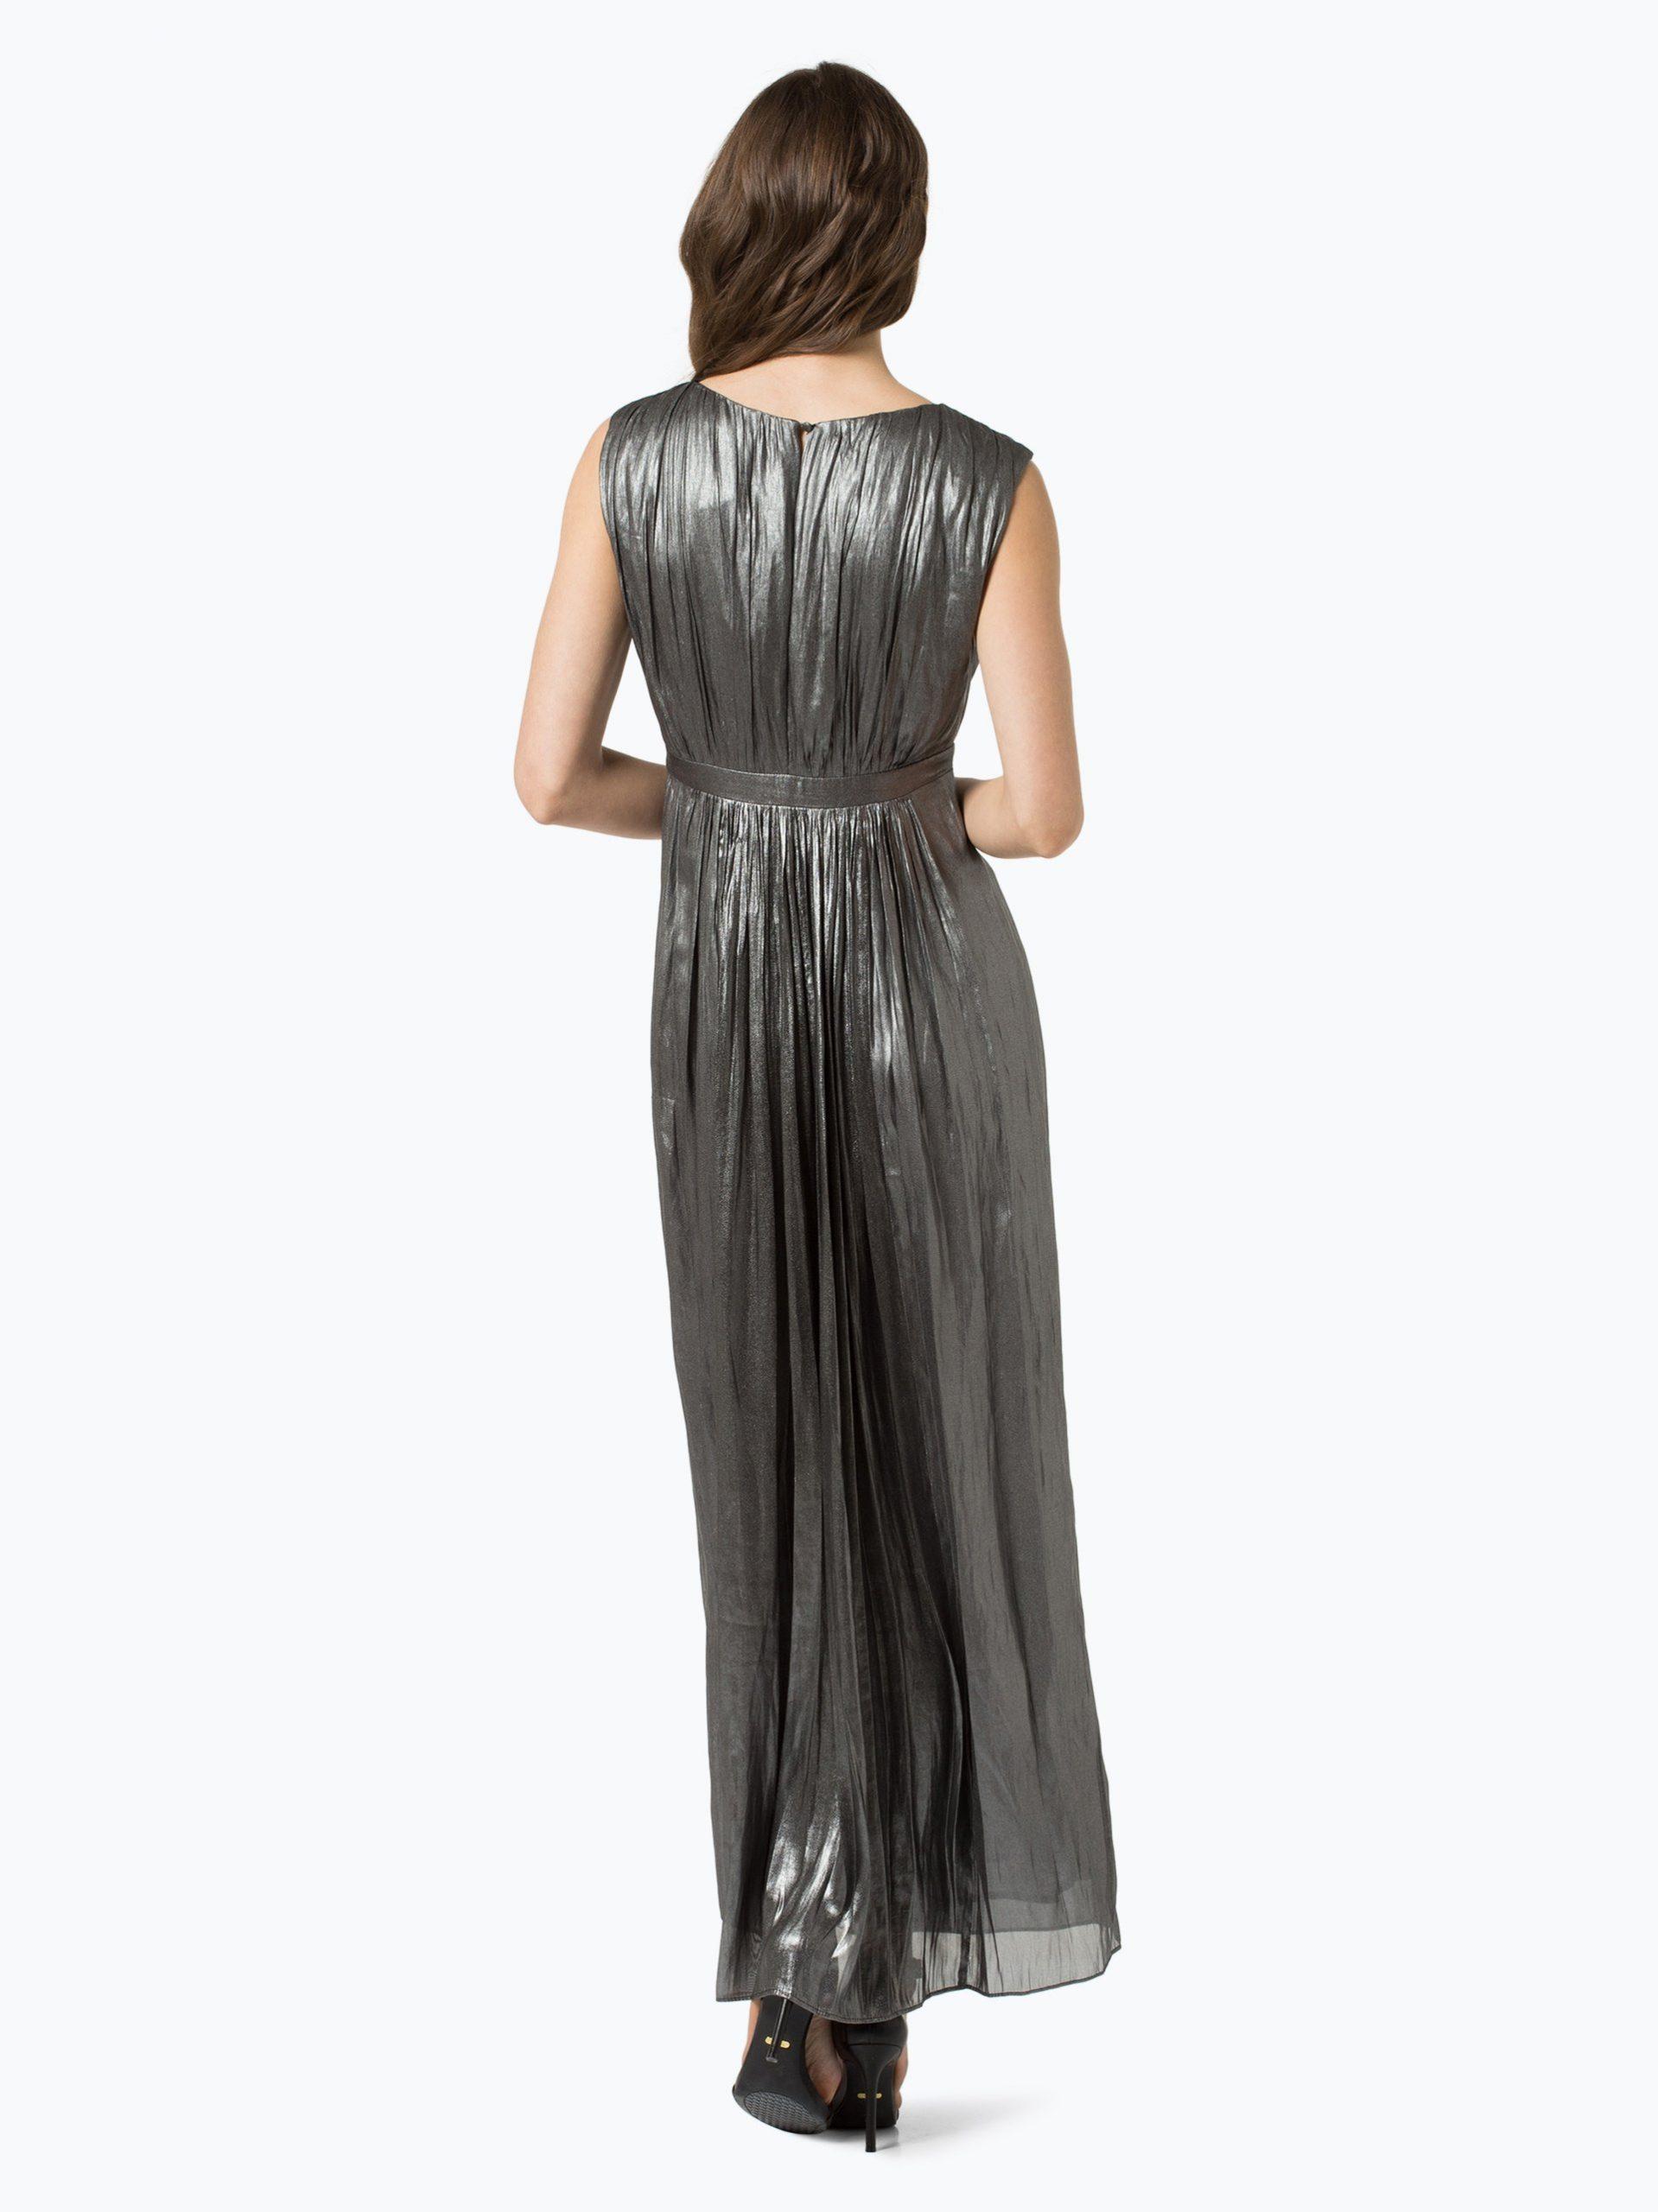 Abend Coolste Esprit Abend Kleid SpezialgebietFormal Schön Esprit Abend Kleid Design